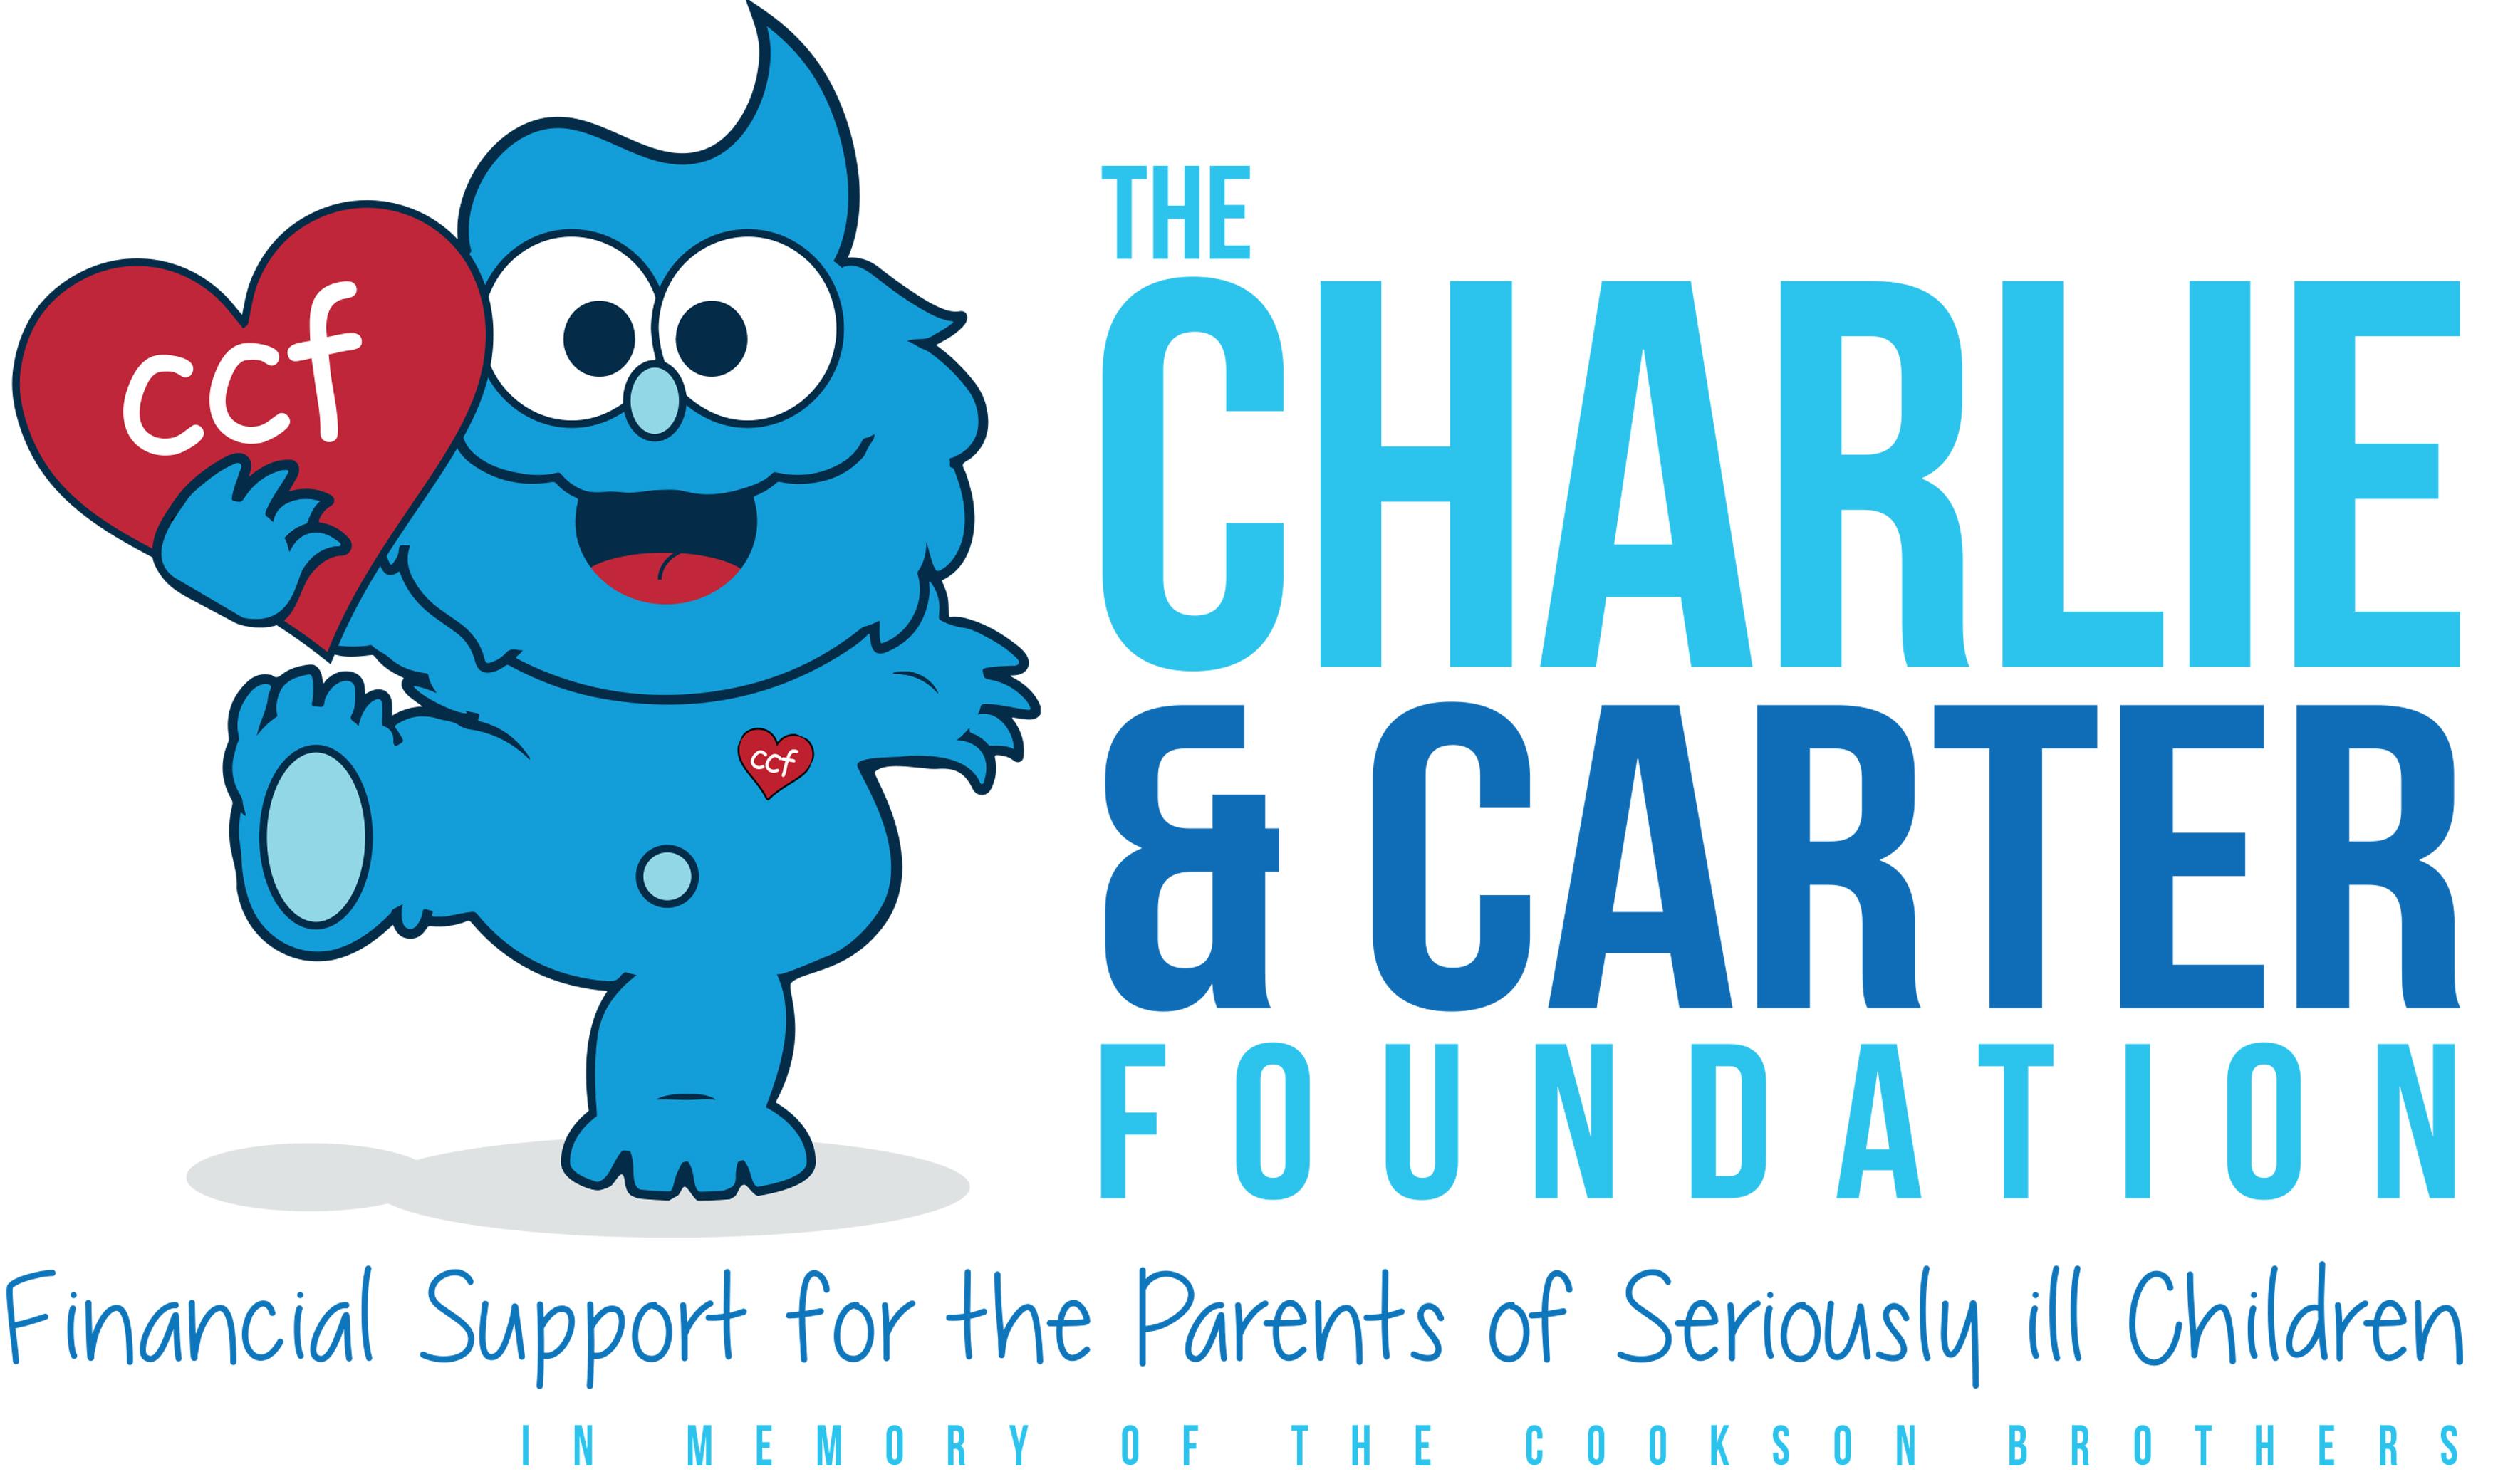 Charlie & Carter Foundation